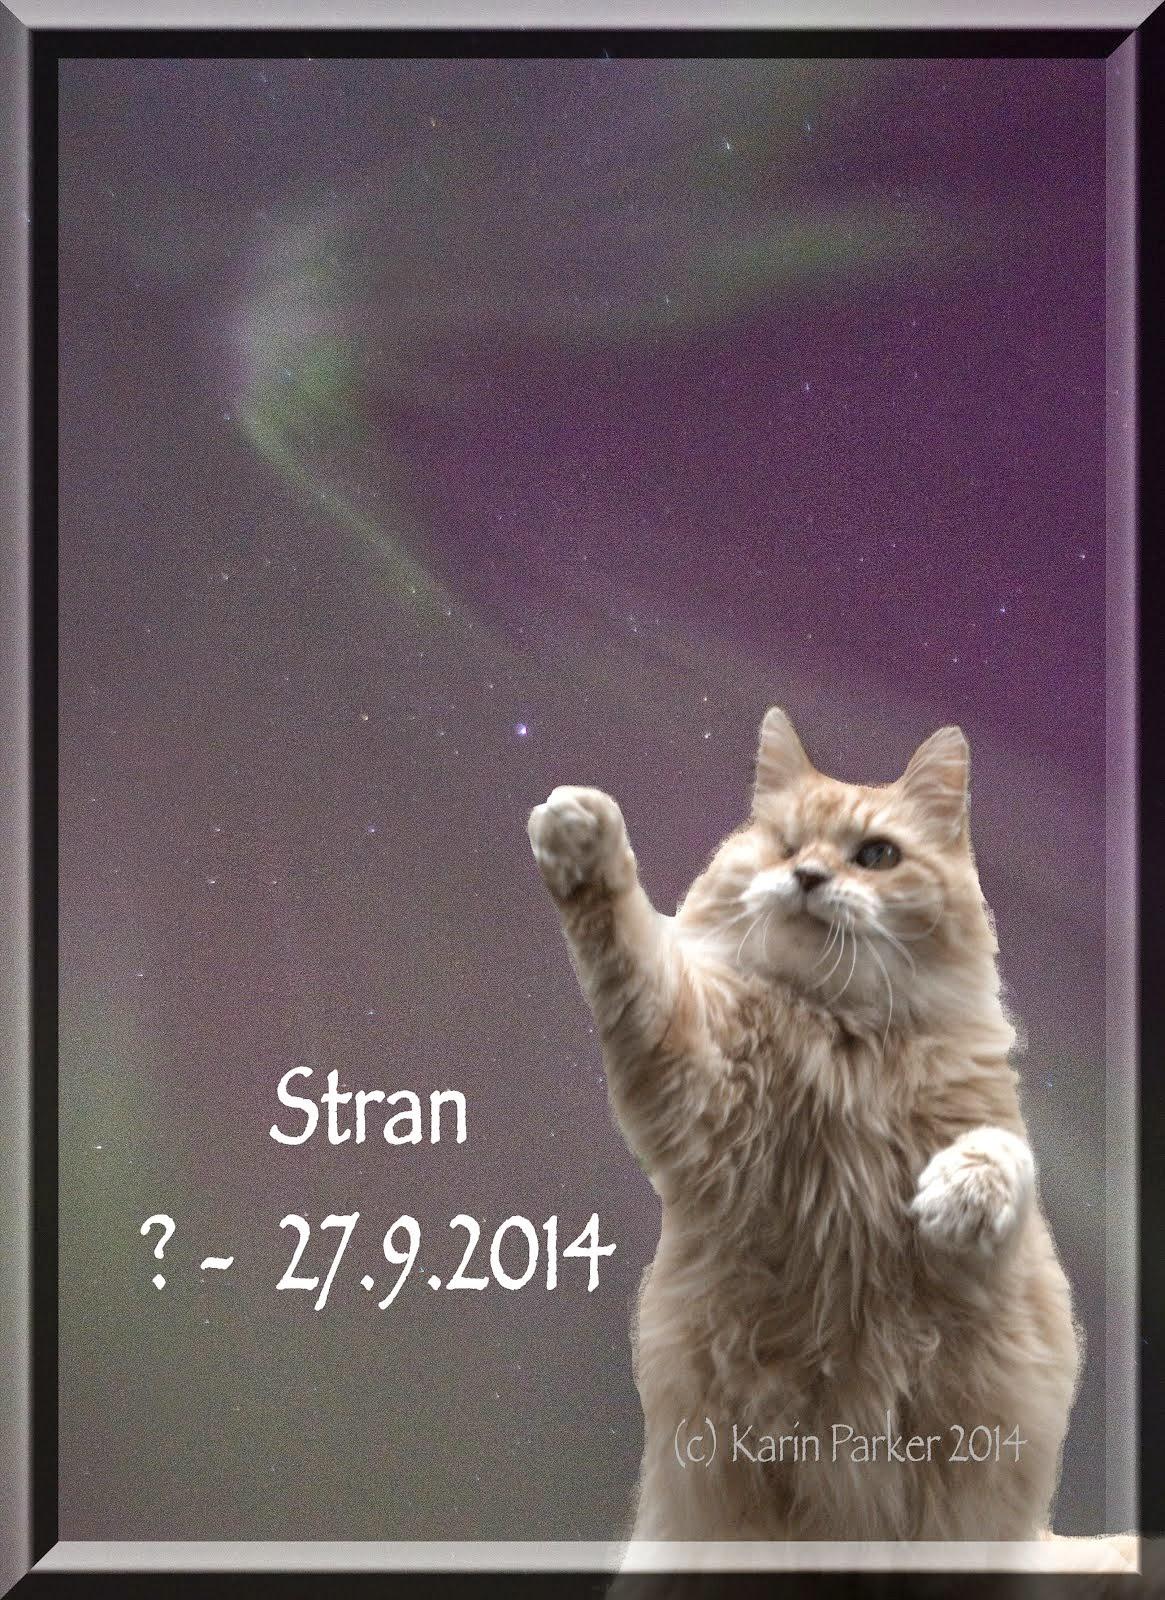 Stran